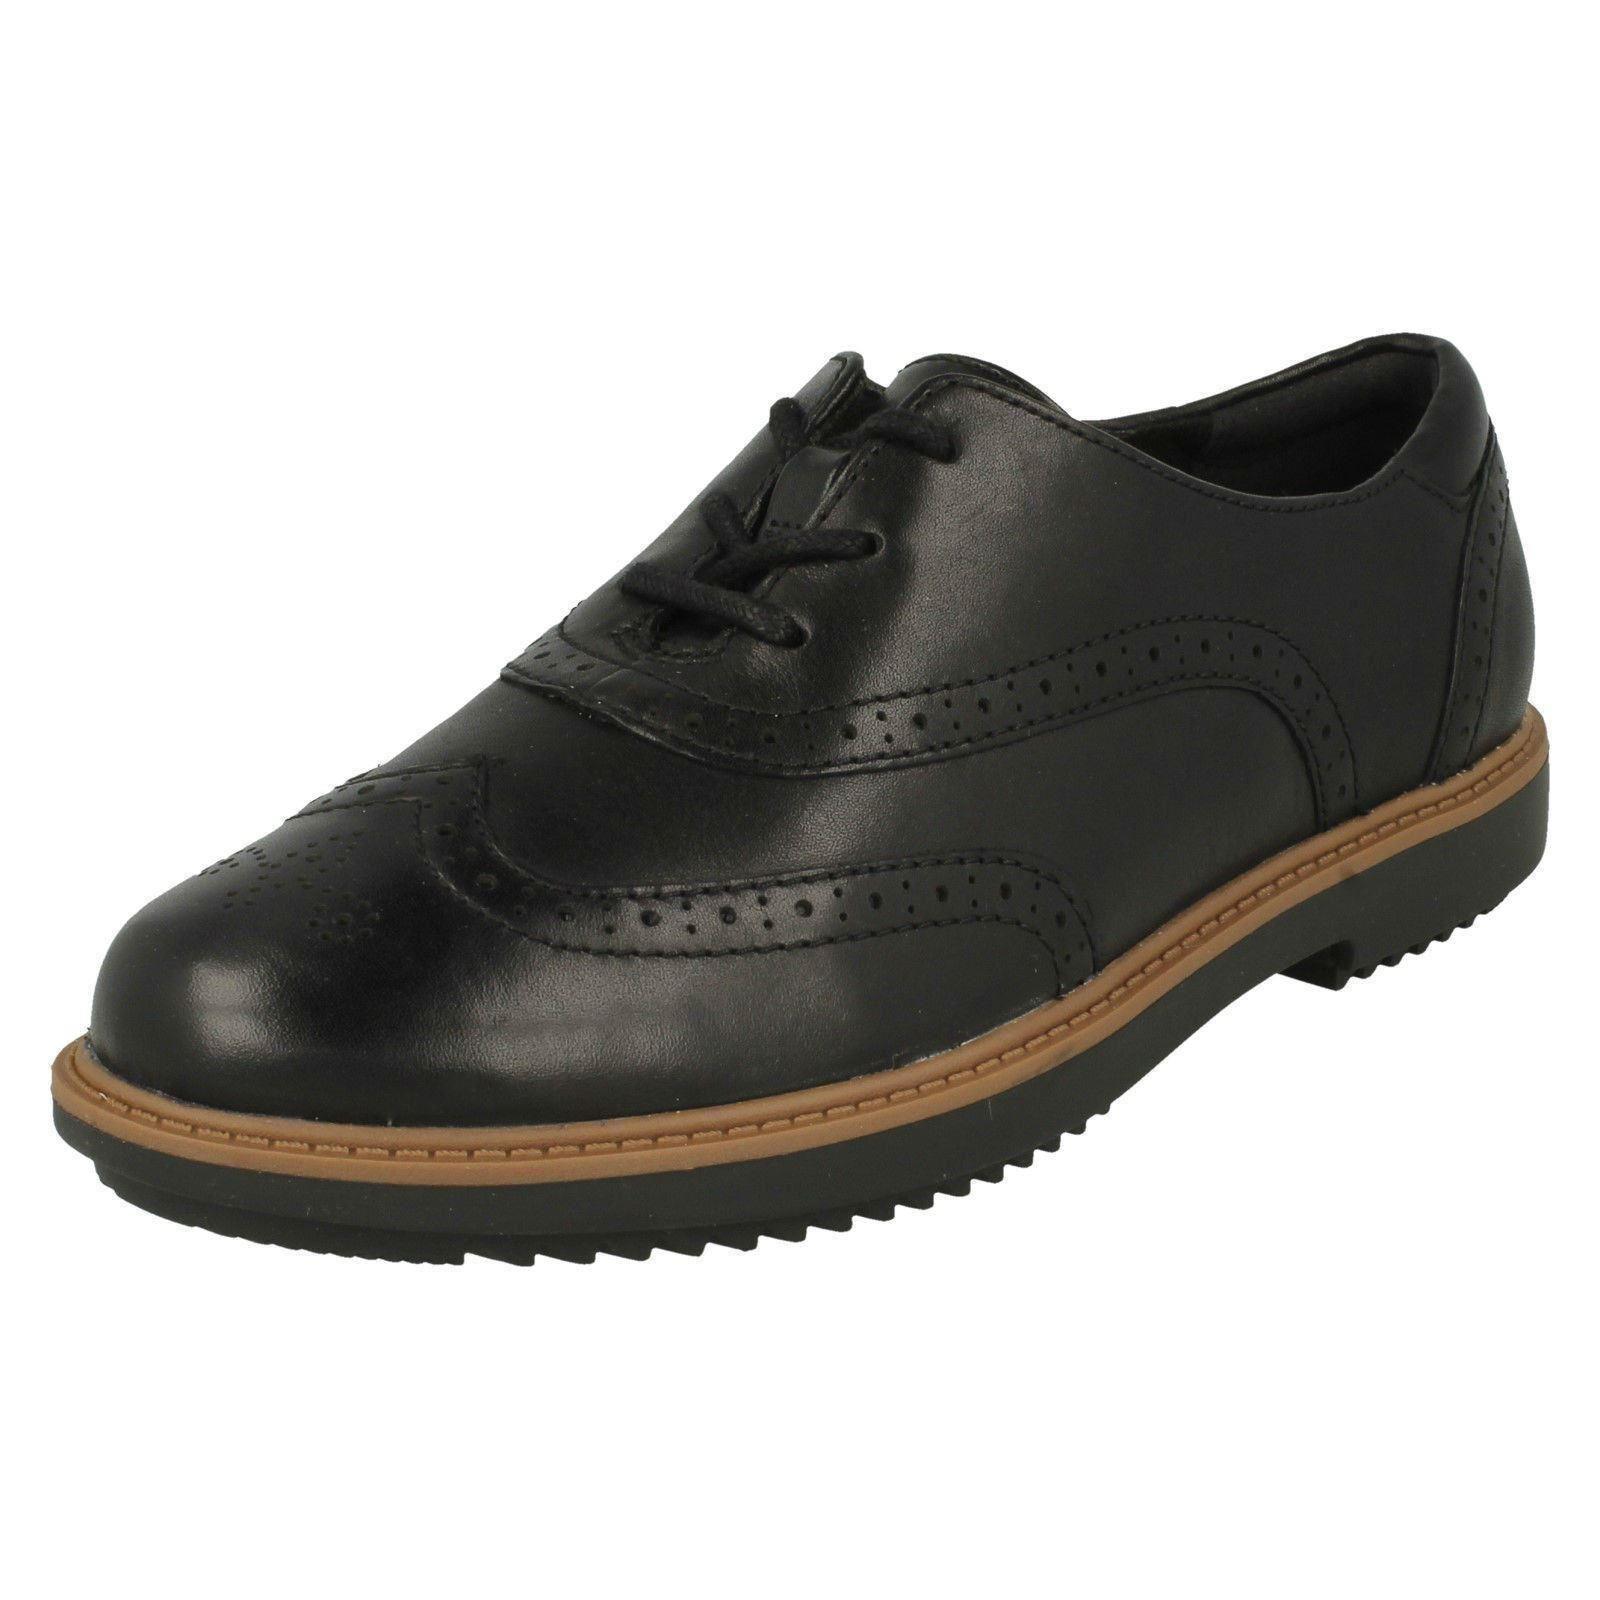 Damenschuhe Clarks Lace 'Raisie Up Brogue Style Schuhes 'Raisie Lace Hilde' ec5b76